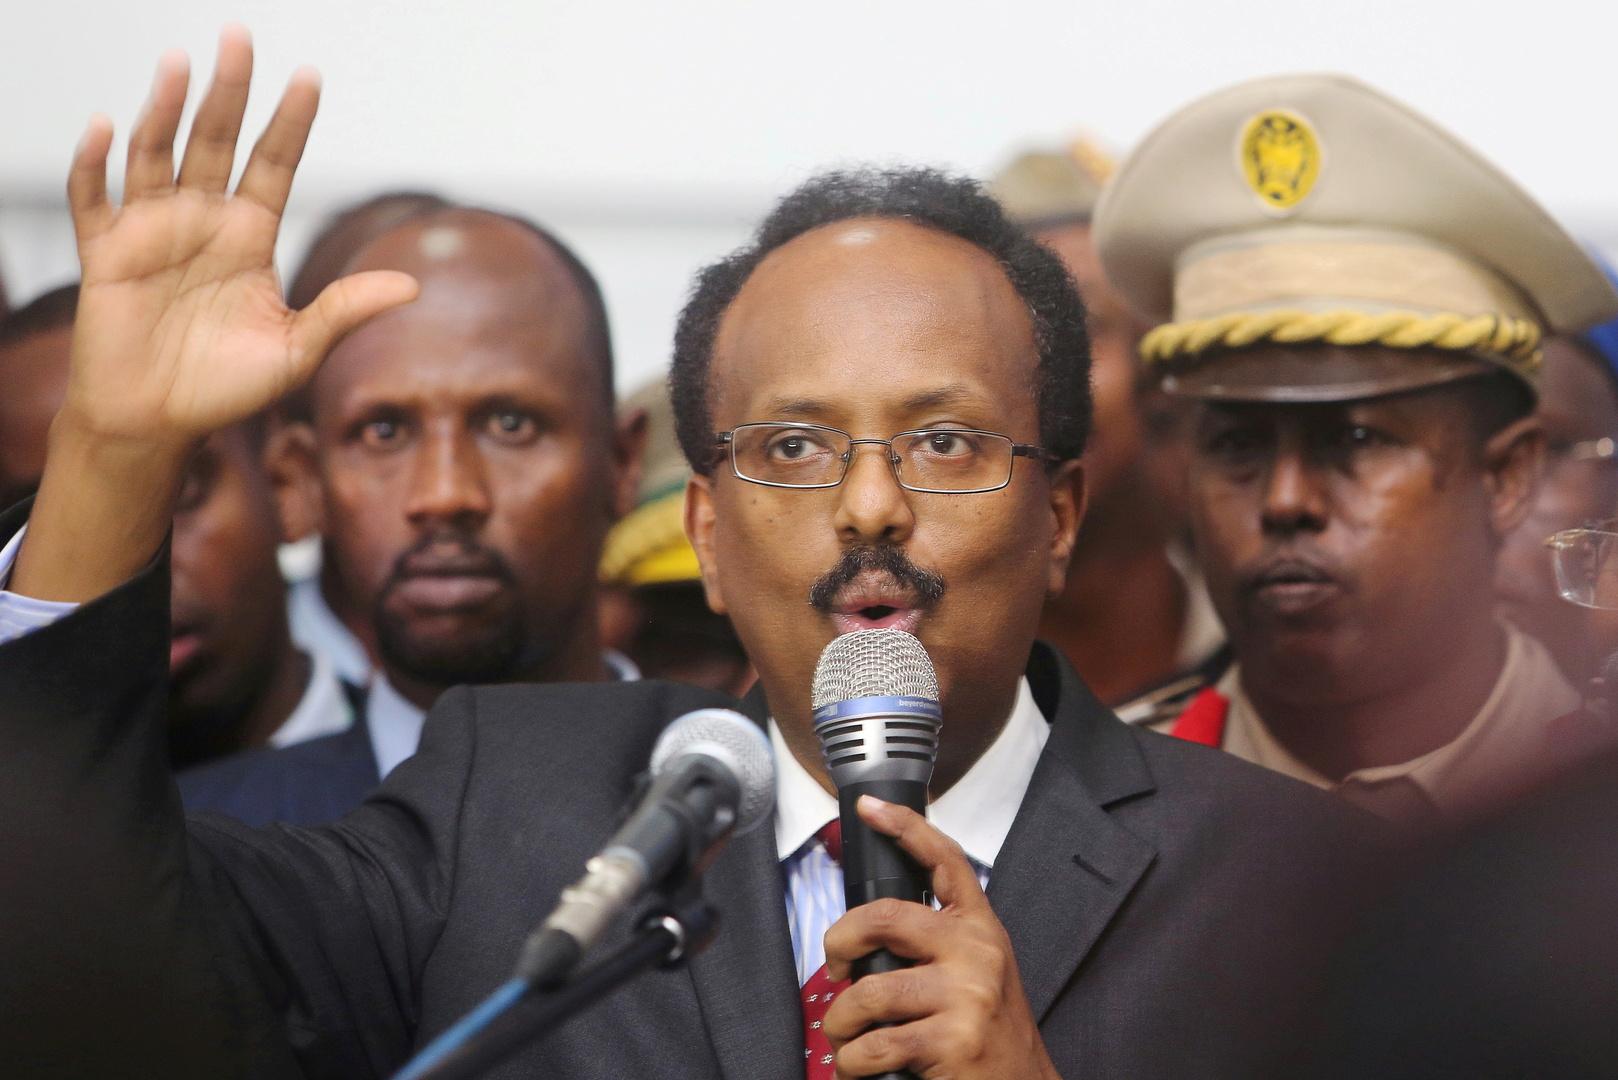 رئيس الصومال يتنازل عن تمديد ولايته ويكلف رئيس الوزراء ببدء التحضيرات للانتخابات